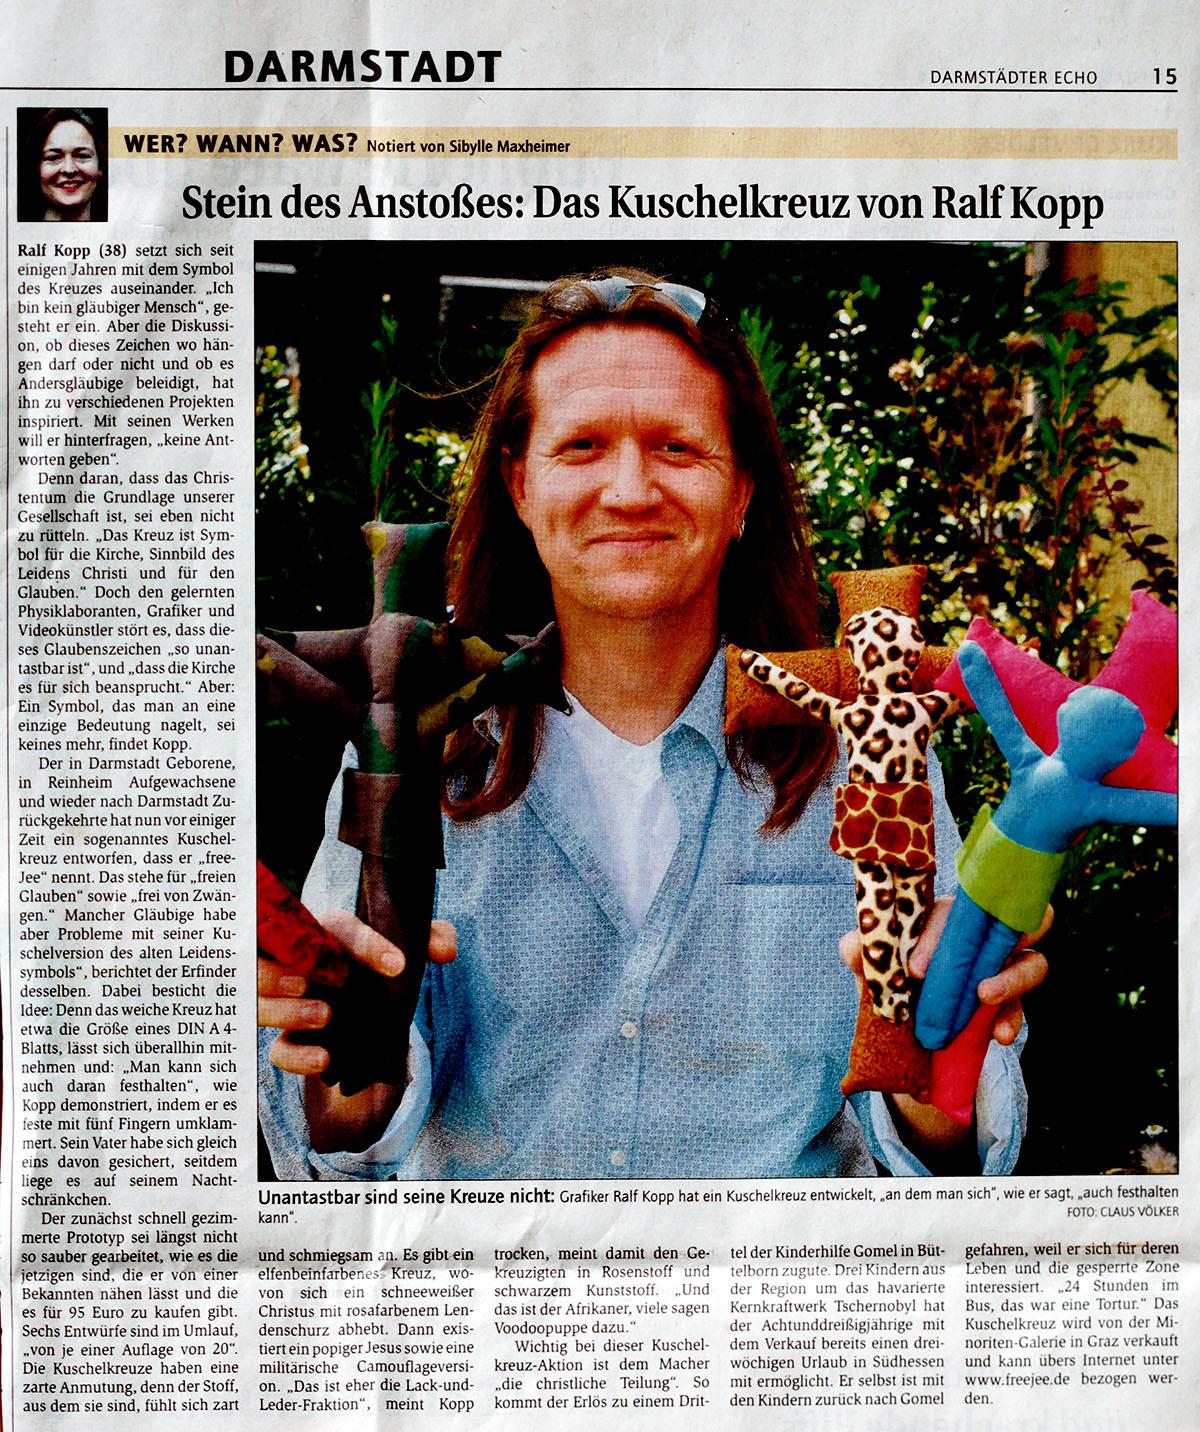 Ralf Kopp - freeJee - Darmstädter Echo - www.ralfkopp.com